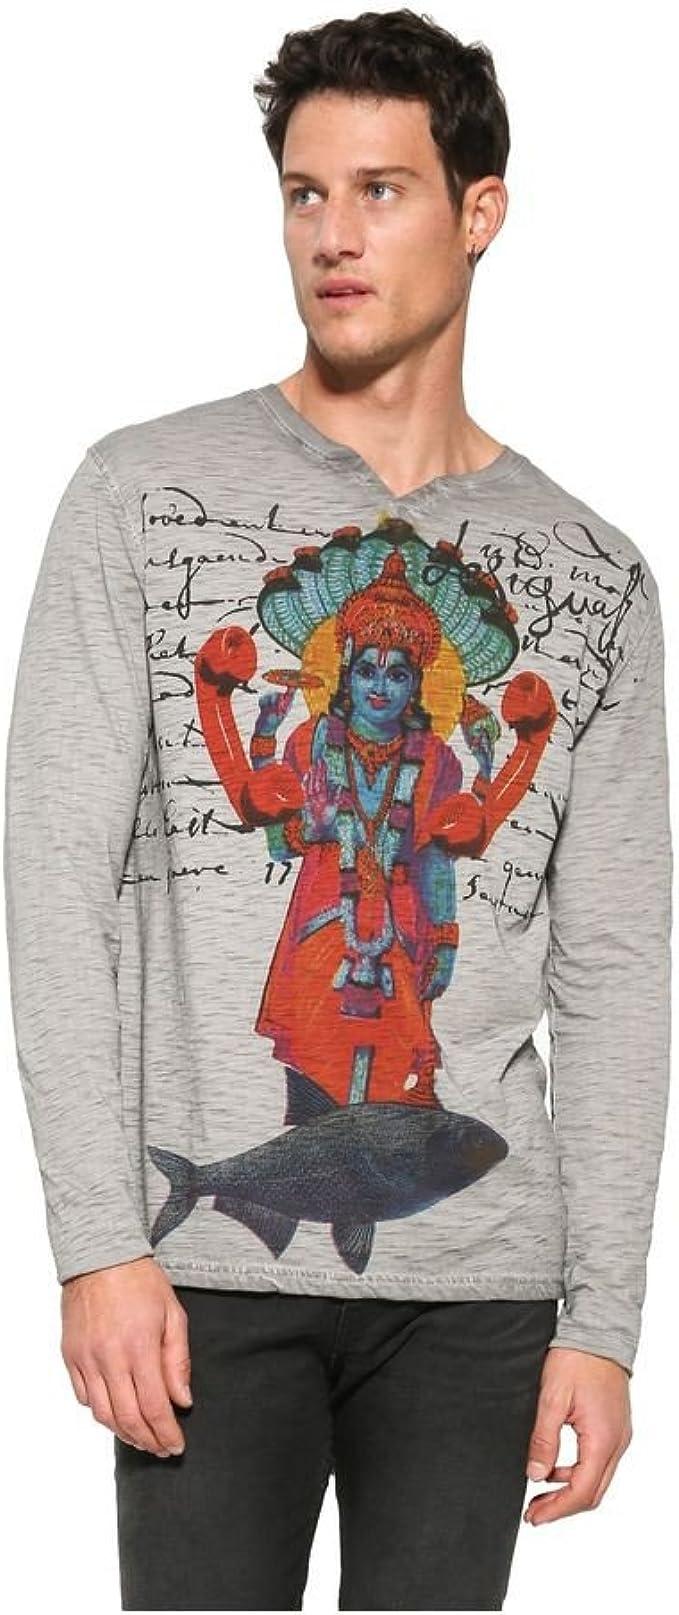 Desigual - Camiseta - para hombre Gris gris S: Amazon.es: Ropa y accesorios